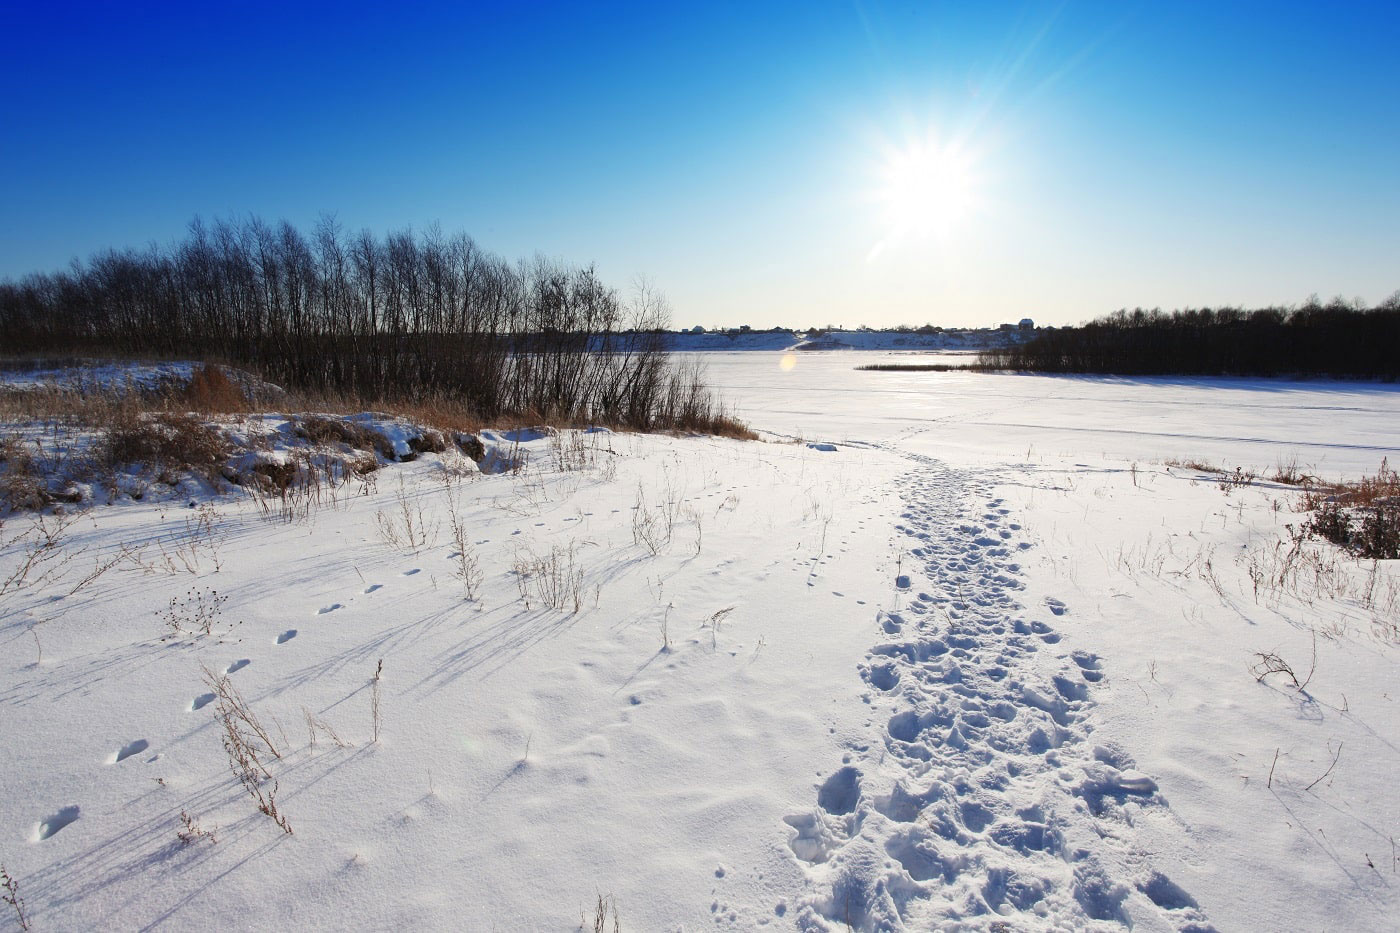 Landschaft an sonnigem Wintertag